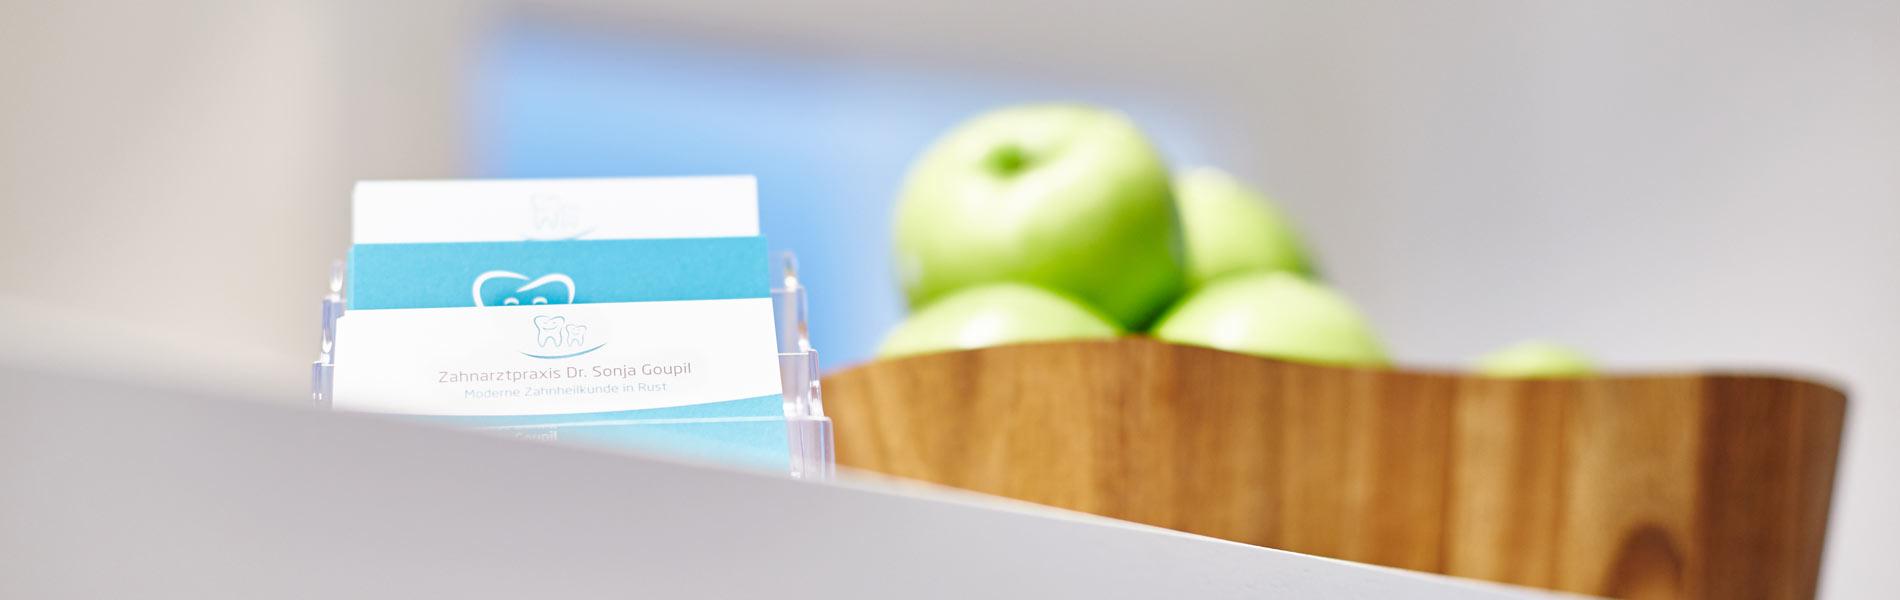 Zahnarztpraxis Dr. Sonja Goupil - Impressum 1